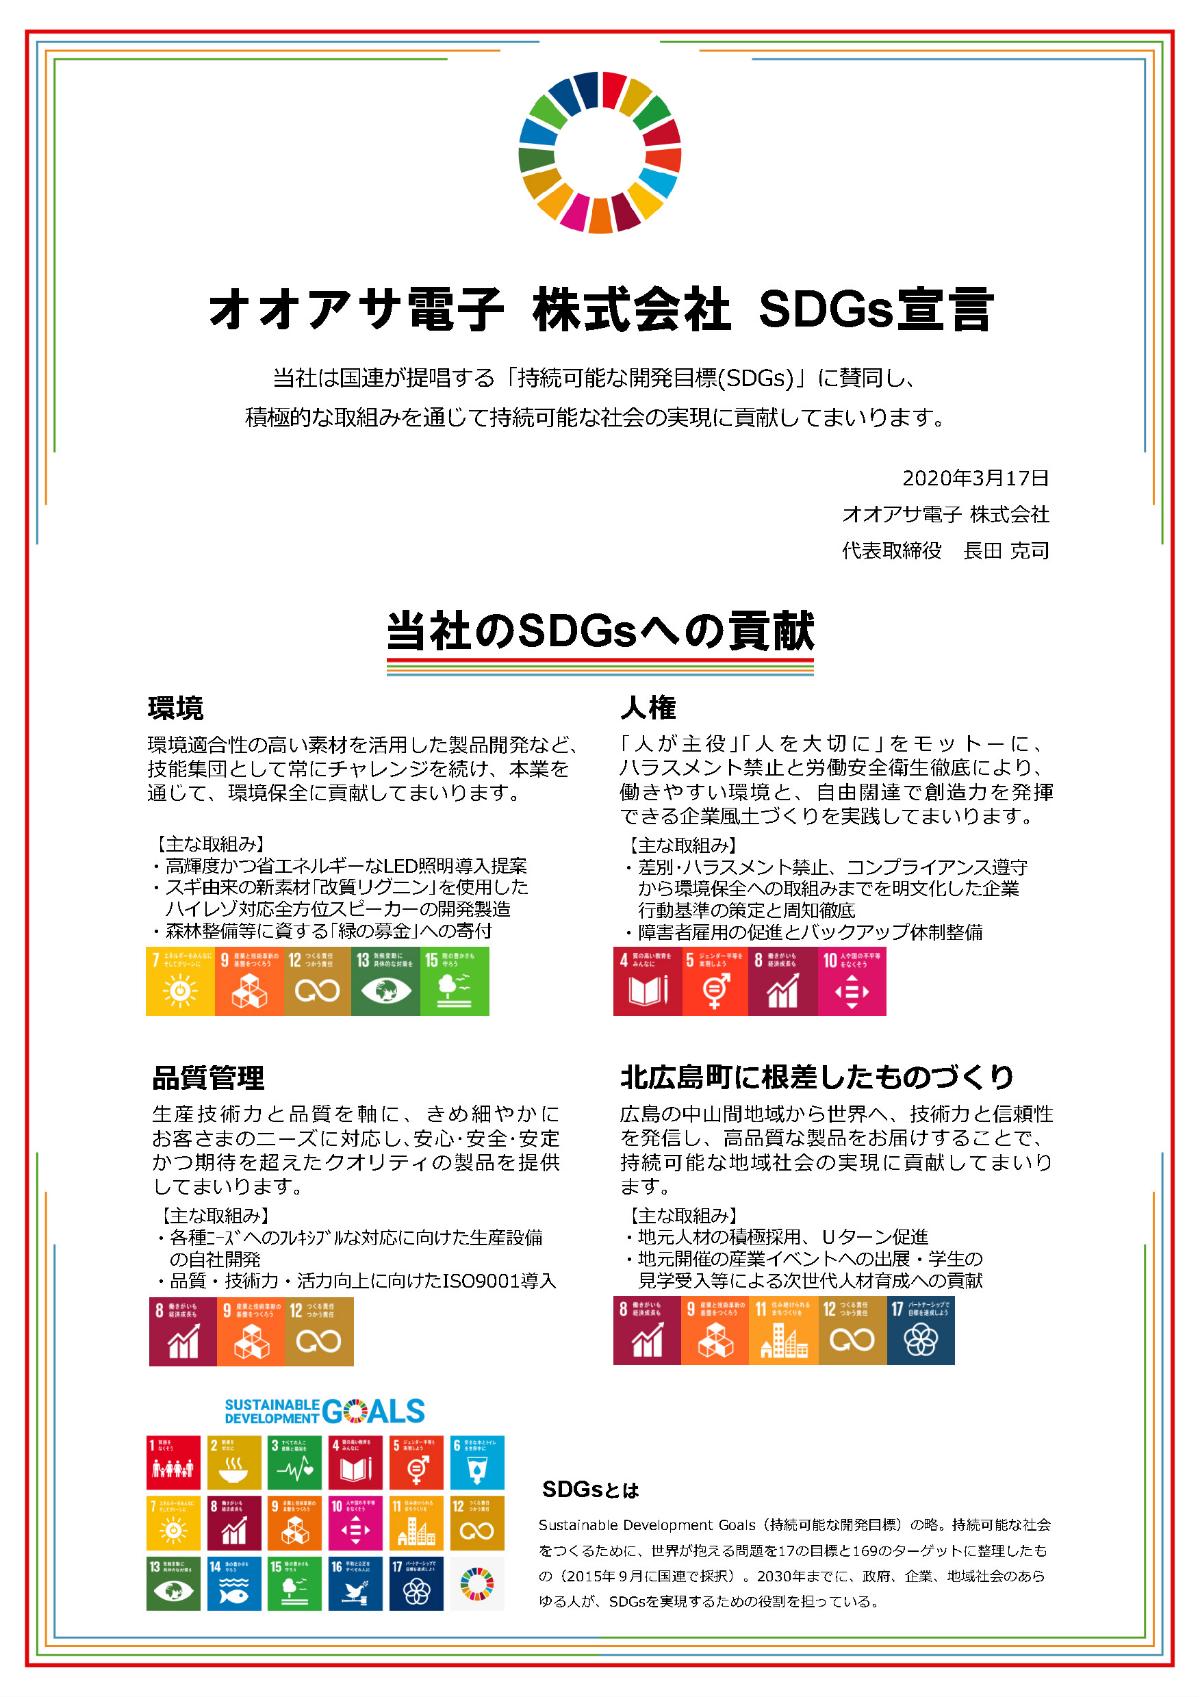 オオアサ電子 SDGs宣言